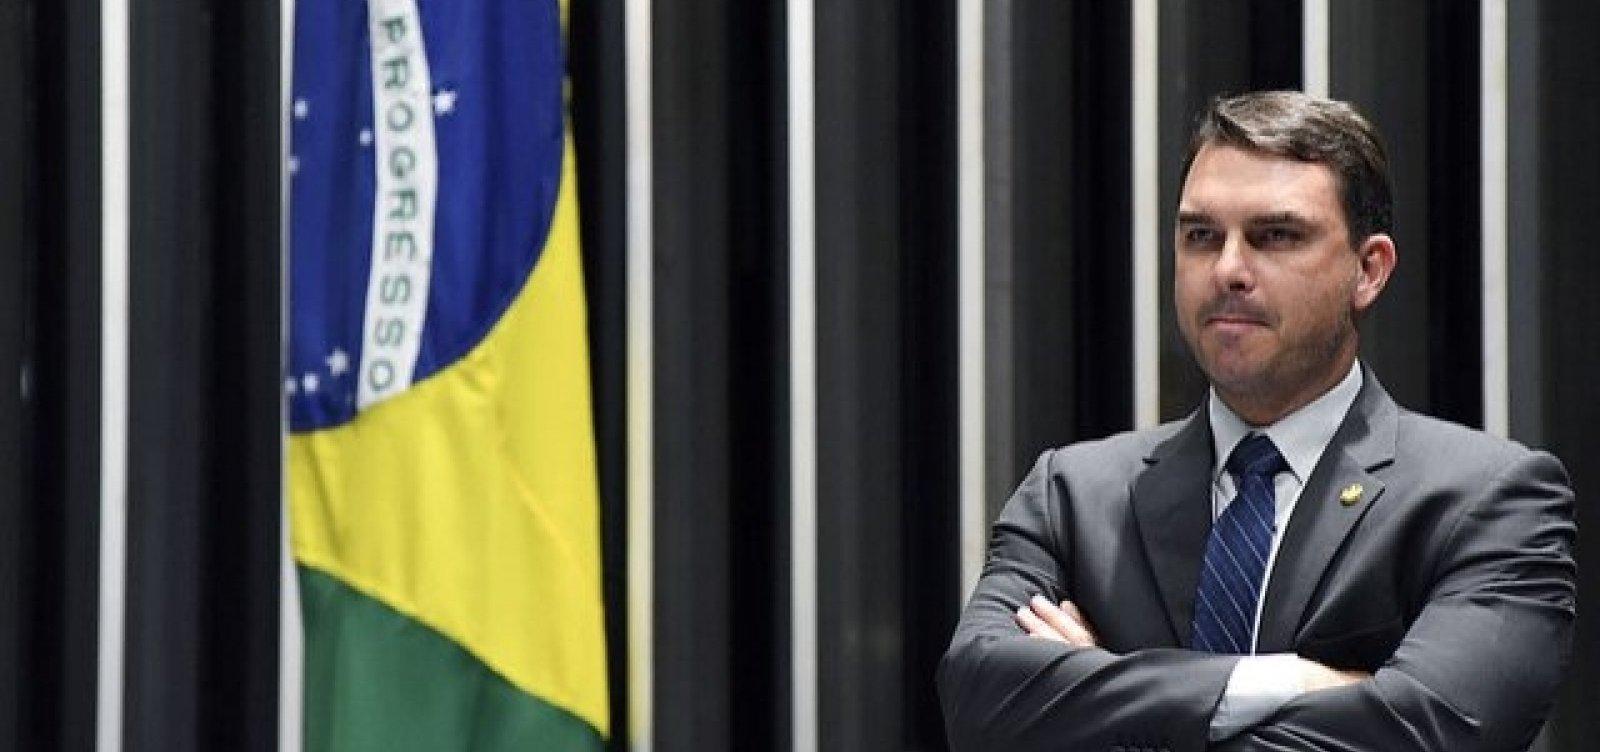 MP-RJ abre novo inquérito para apurar funcionários 'fantasmas' de Flávio Bolsonaro